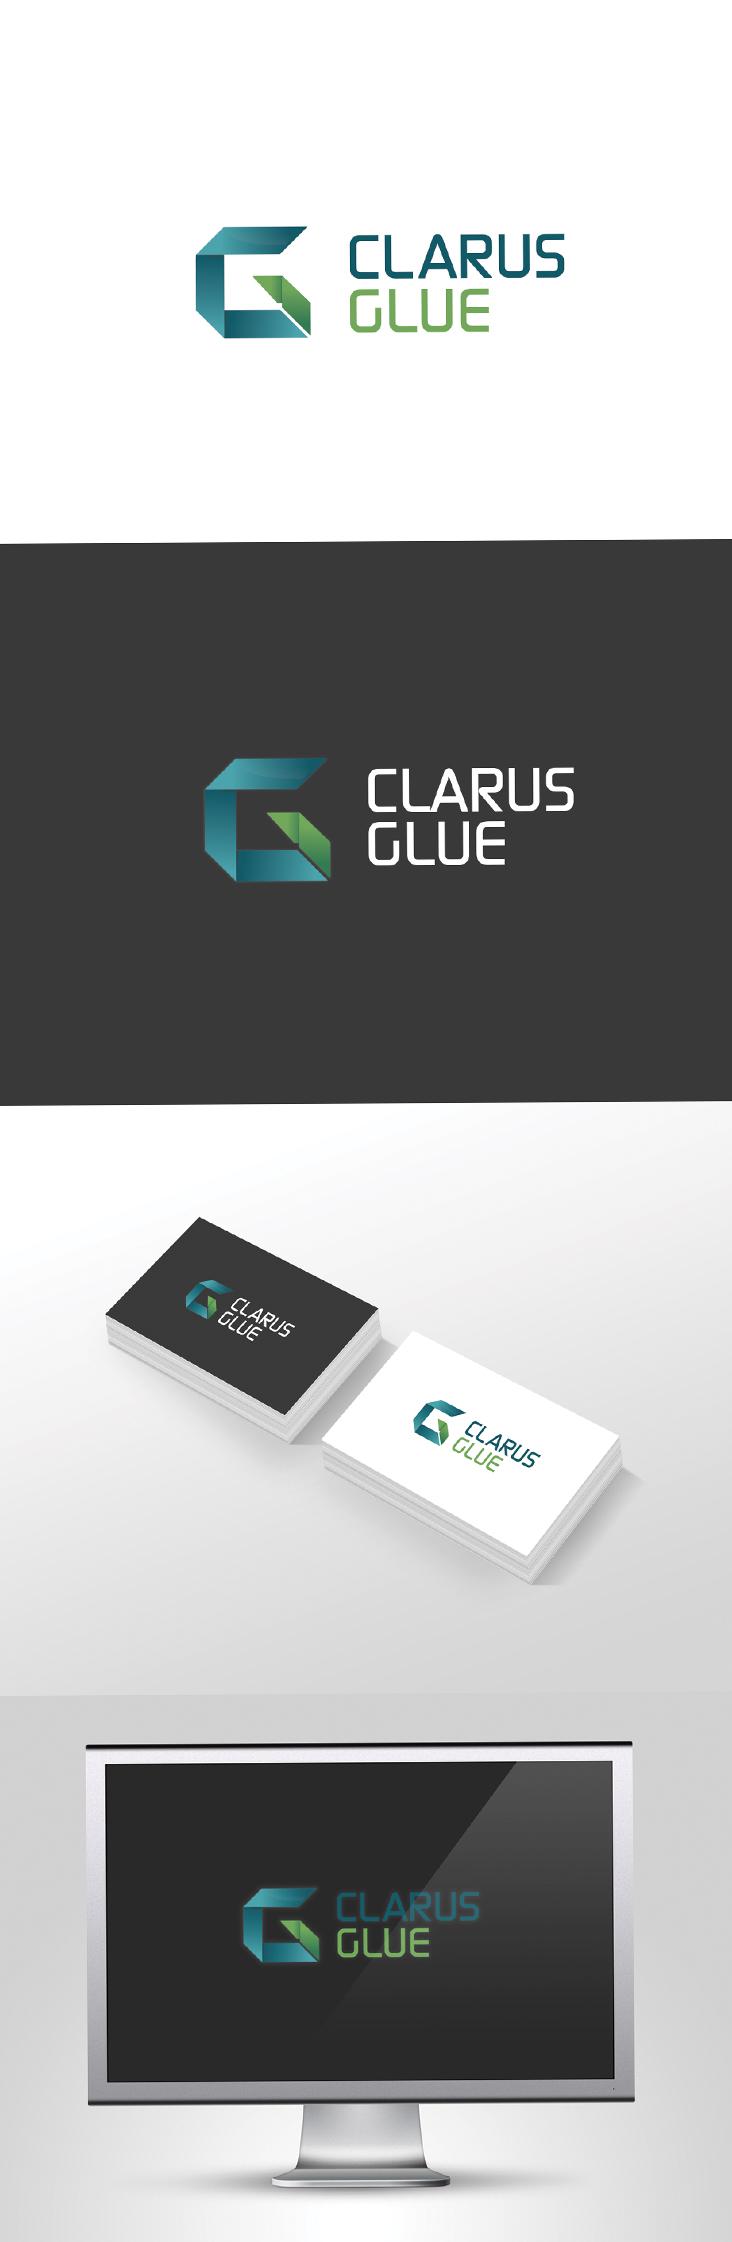 CLARUS GLUE